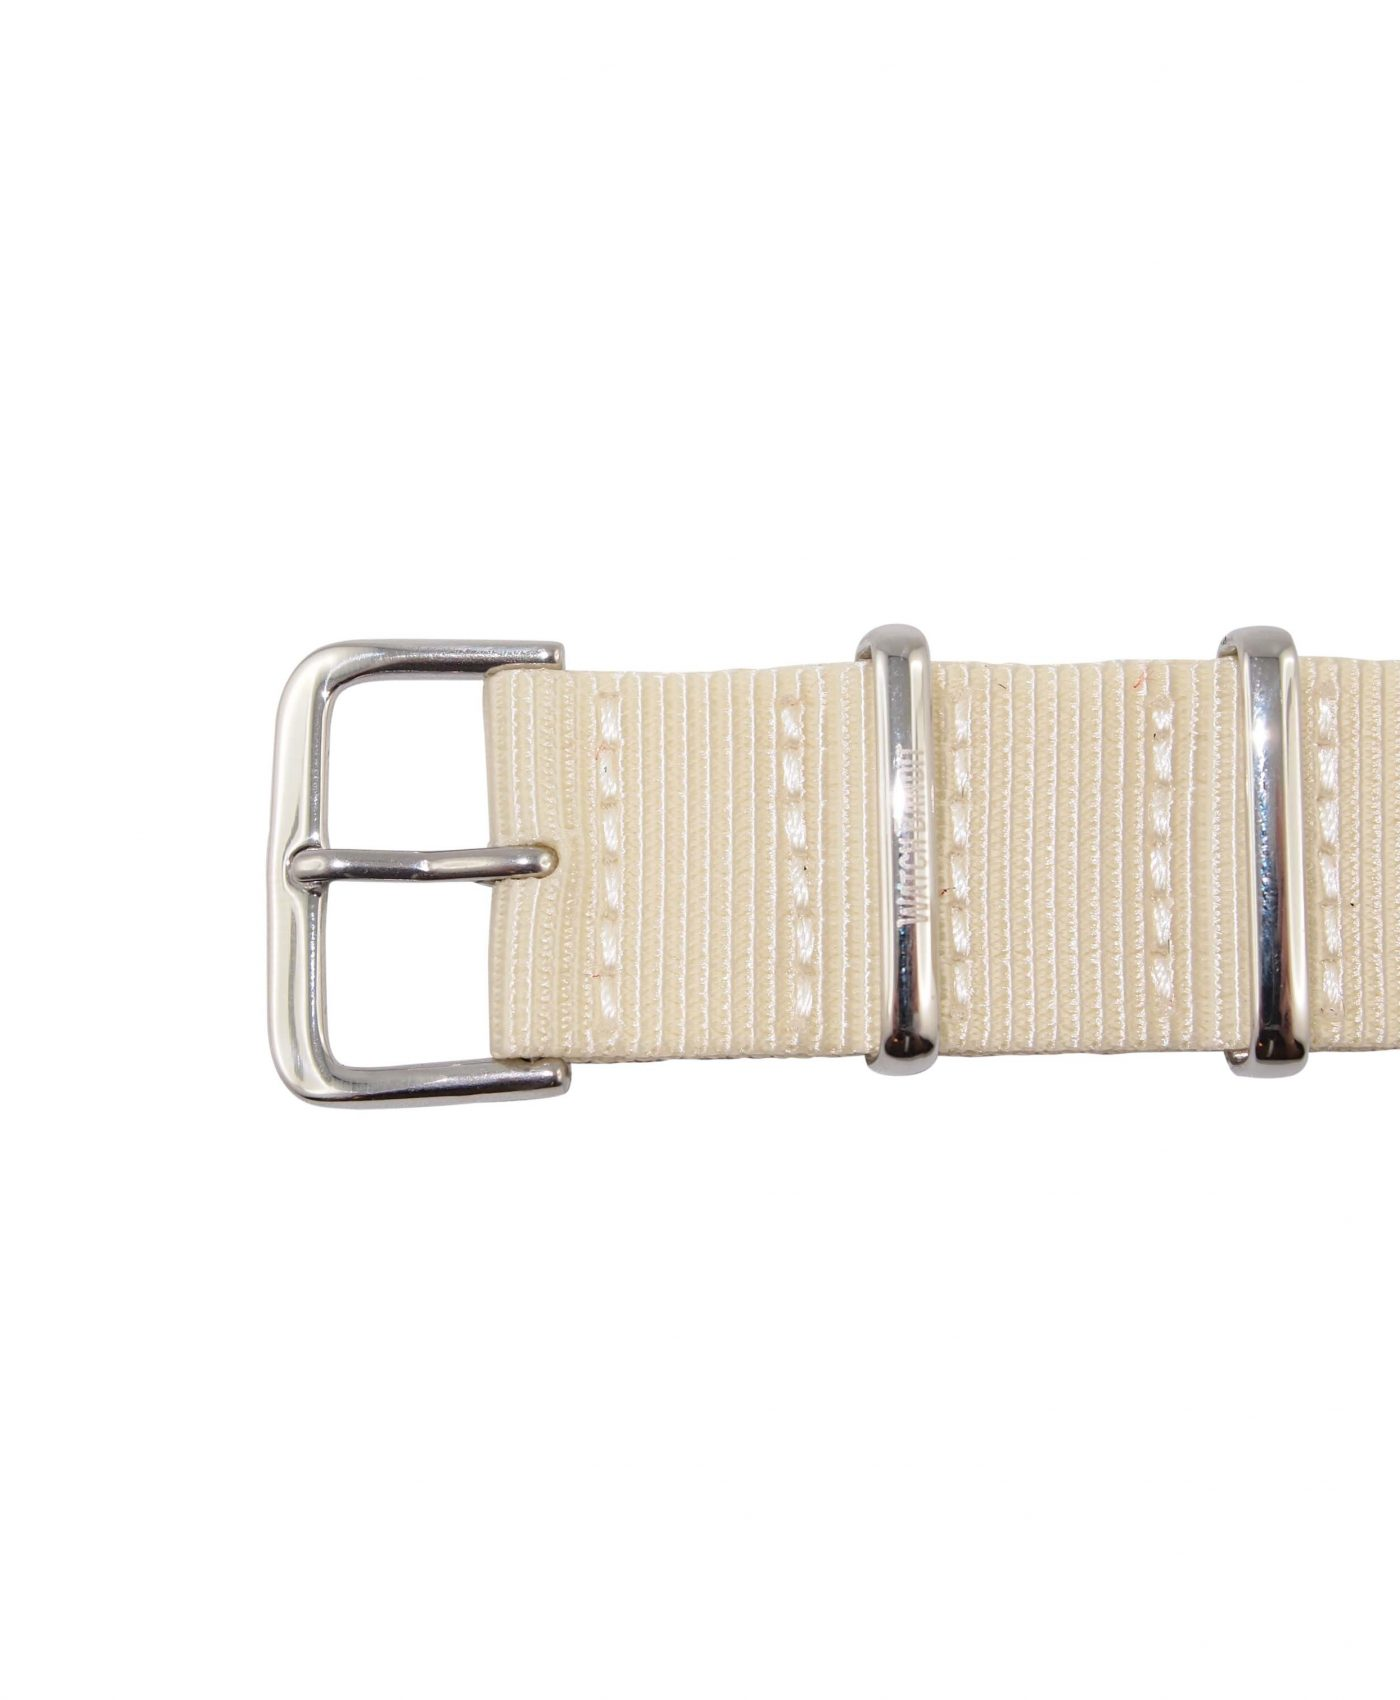 Nato Strap | White | Polished | 20 mm